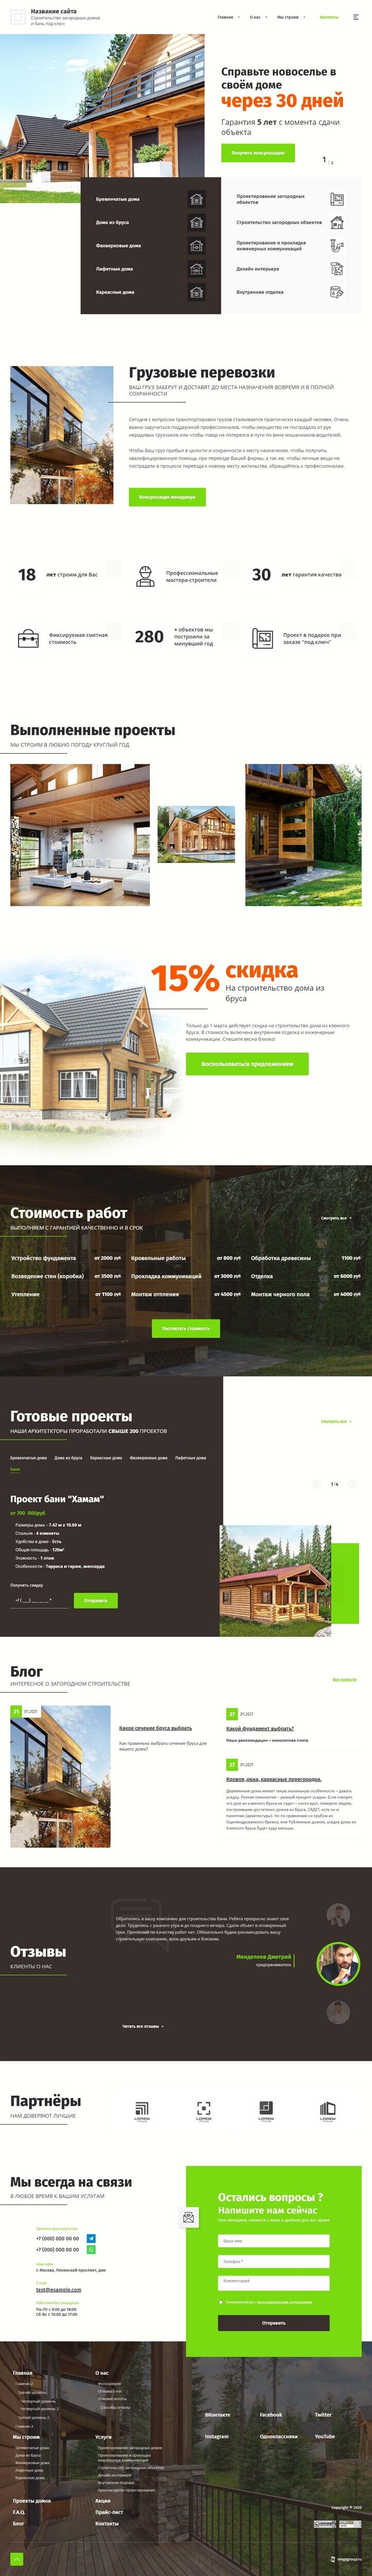 Готовый Сайт-Бизнес #2881174 - Загородное строительство (Главная 2)